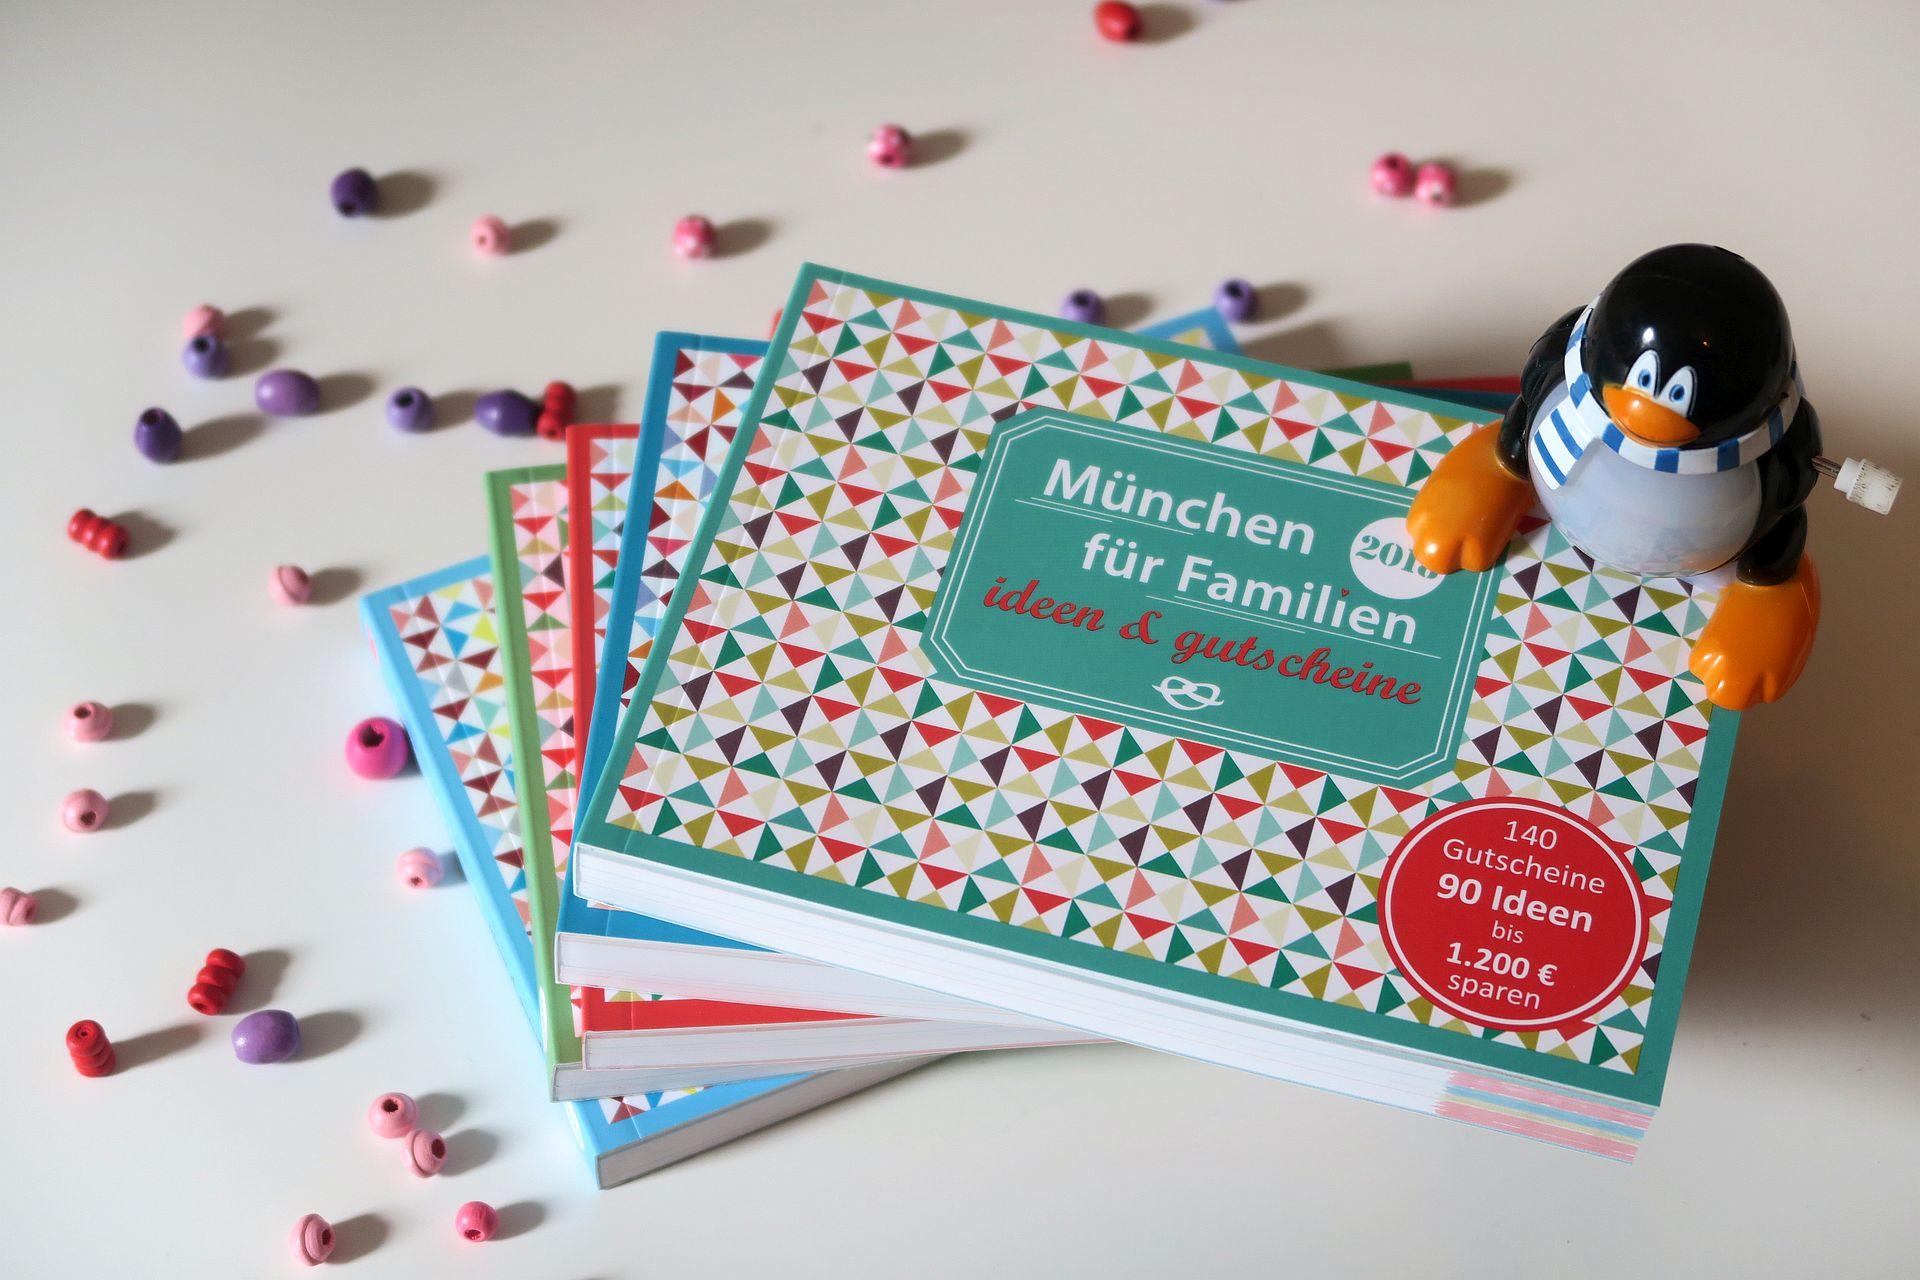 Familiengutscheinbuch München 2018_Pinguin kl